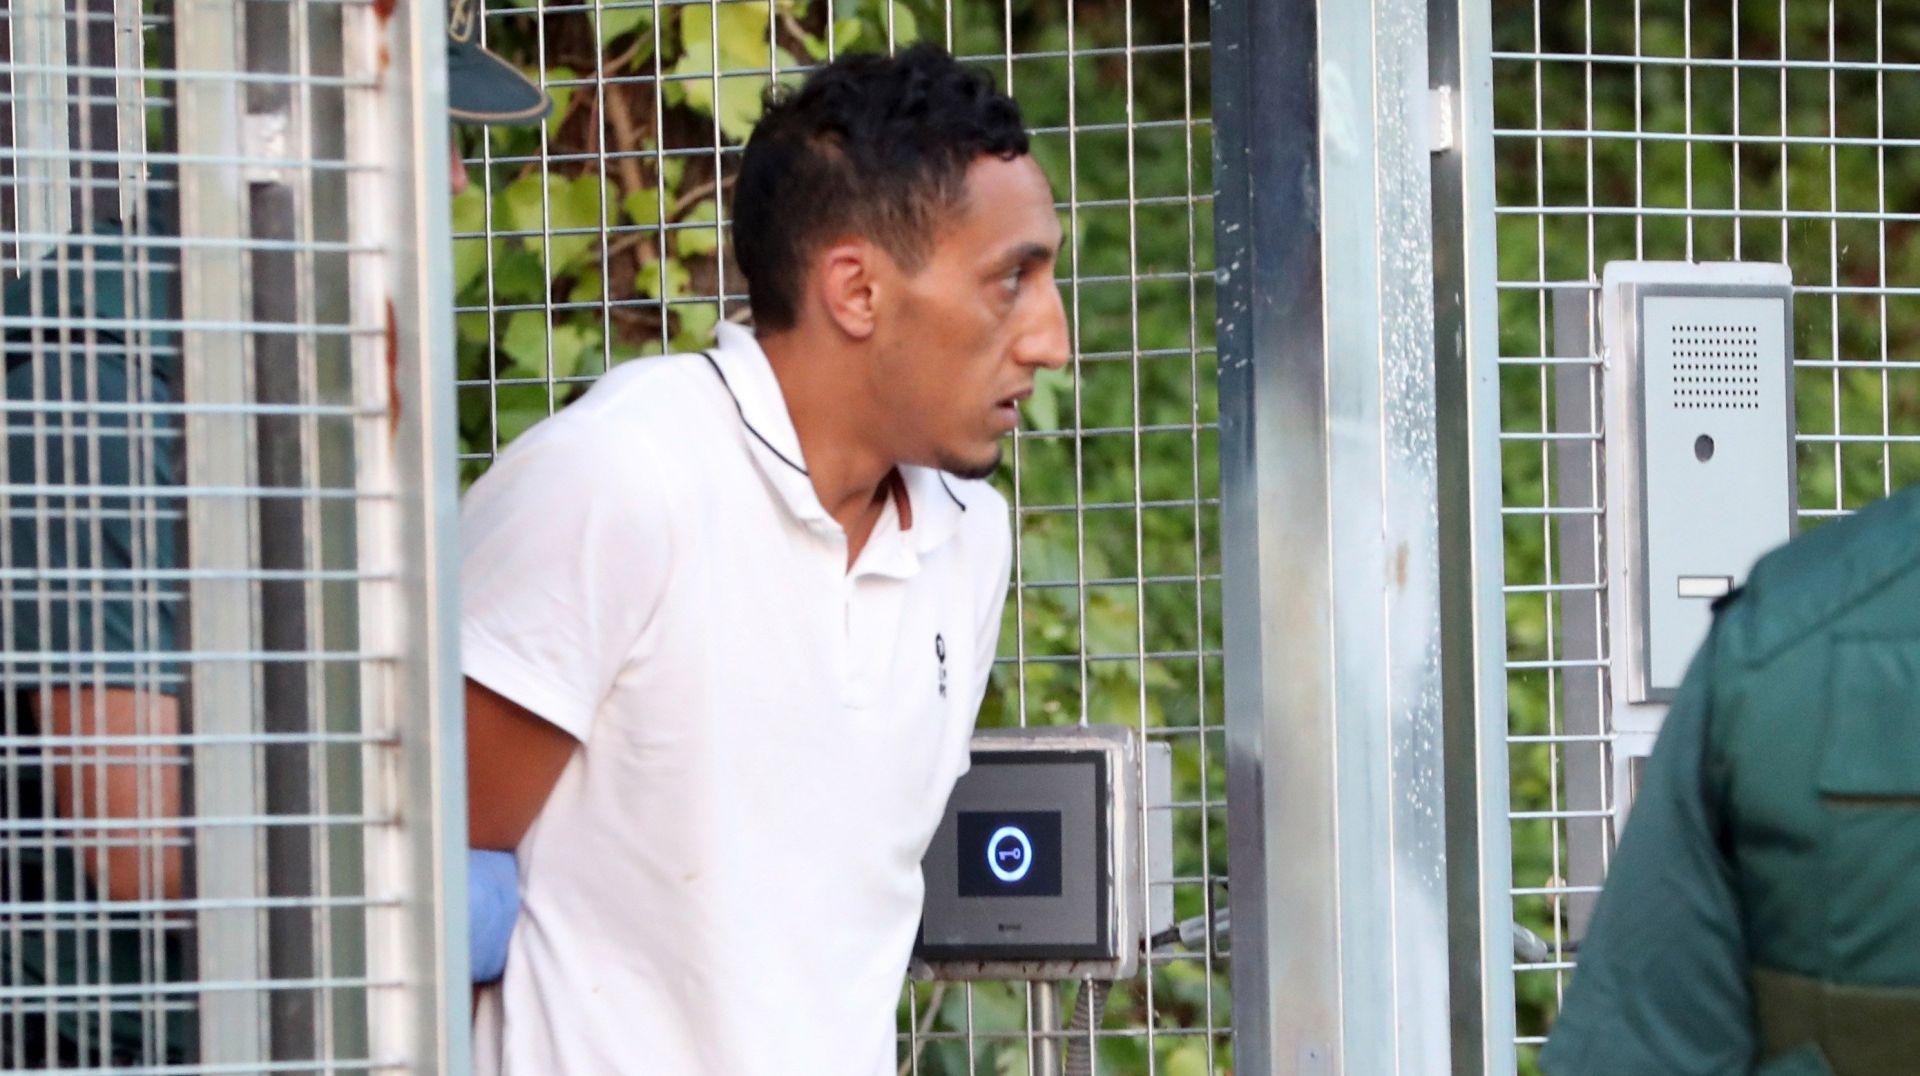 Četvorica osumnjičenih izvedena pred sud u Madridu; lažna uzbuna na aerodromu u Barceloni